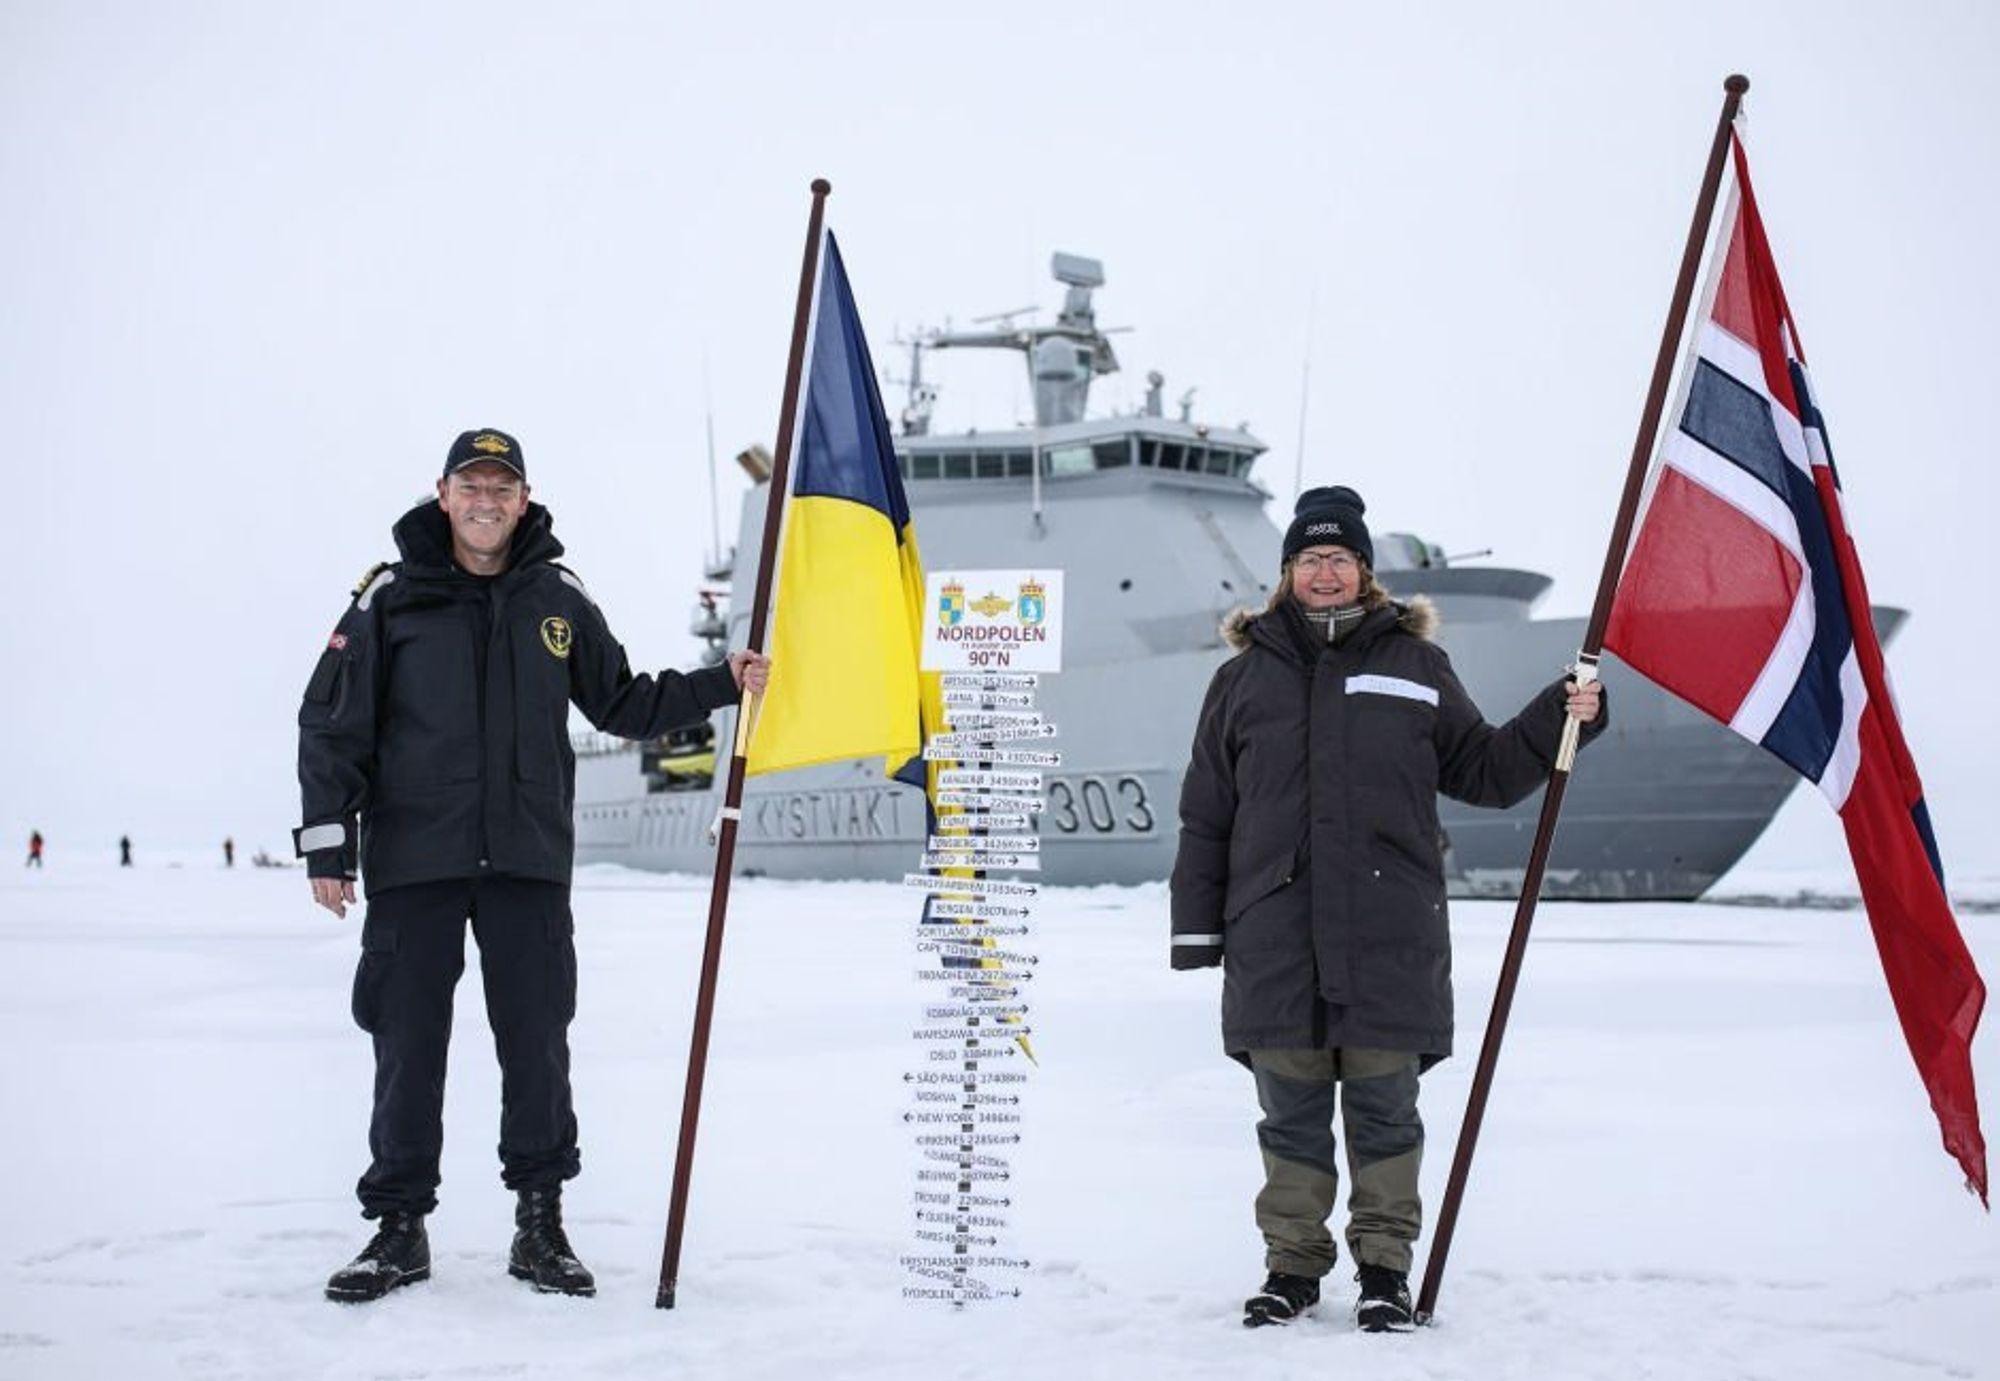 Kystvaktskipet Svalbard skrev onsdag polarhistorie ved å være det første norske fartøyet som har nådd Nordpolen. Skipssjef Geir-Magne Leinebø og Toktleder CAATEX Dr. Hanne Sagen har plantet kystvaktflagget og det norske flagget på Nordpolen, twitrer Kystvakten onsdag.